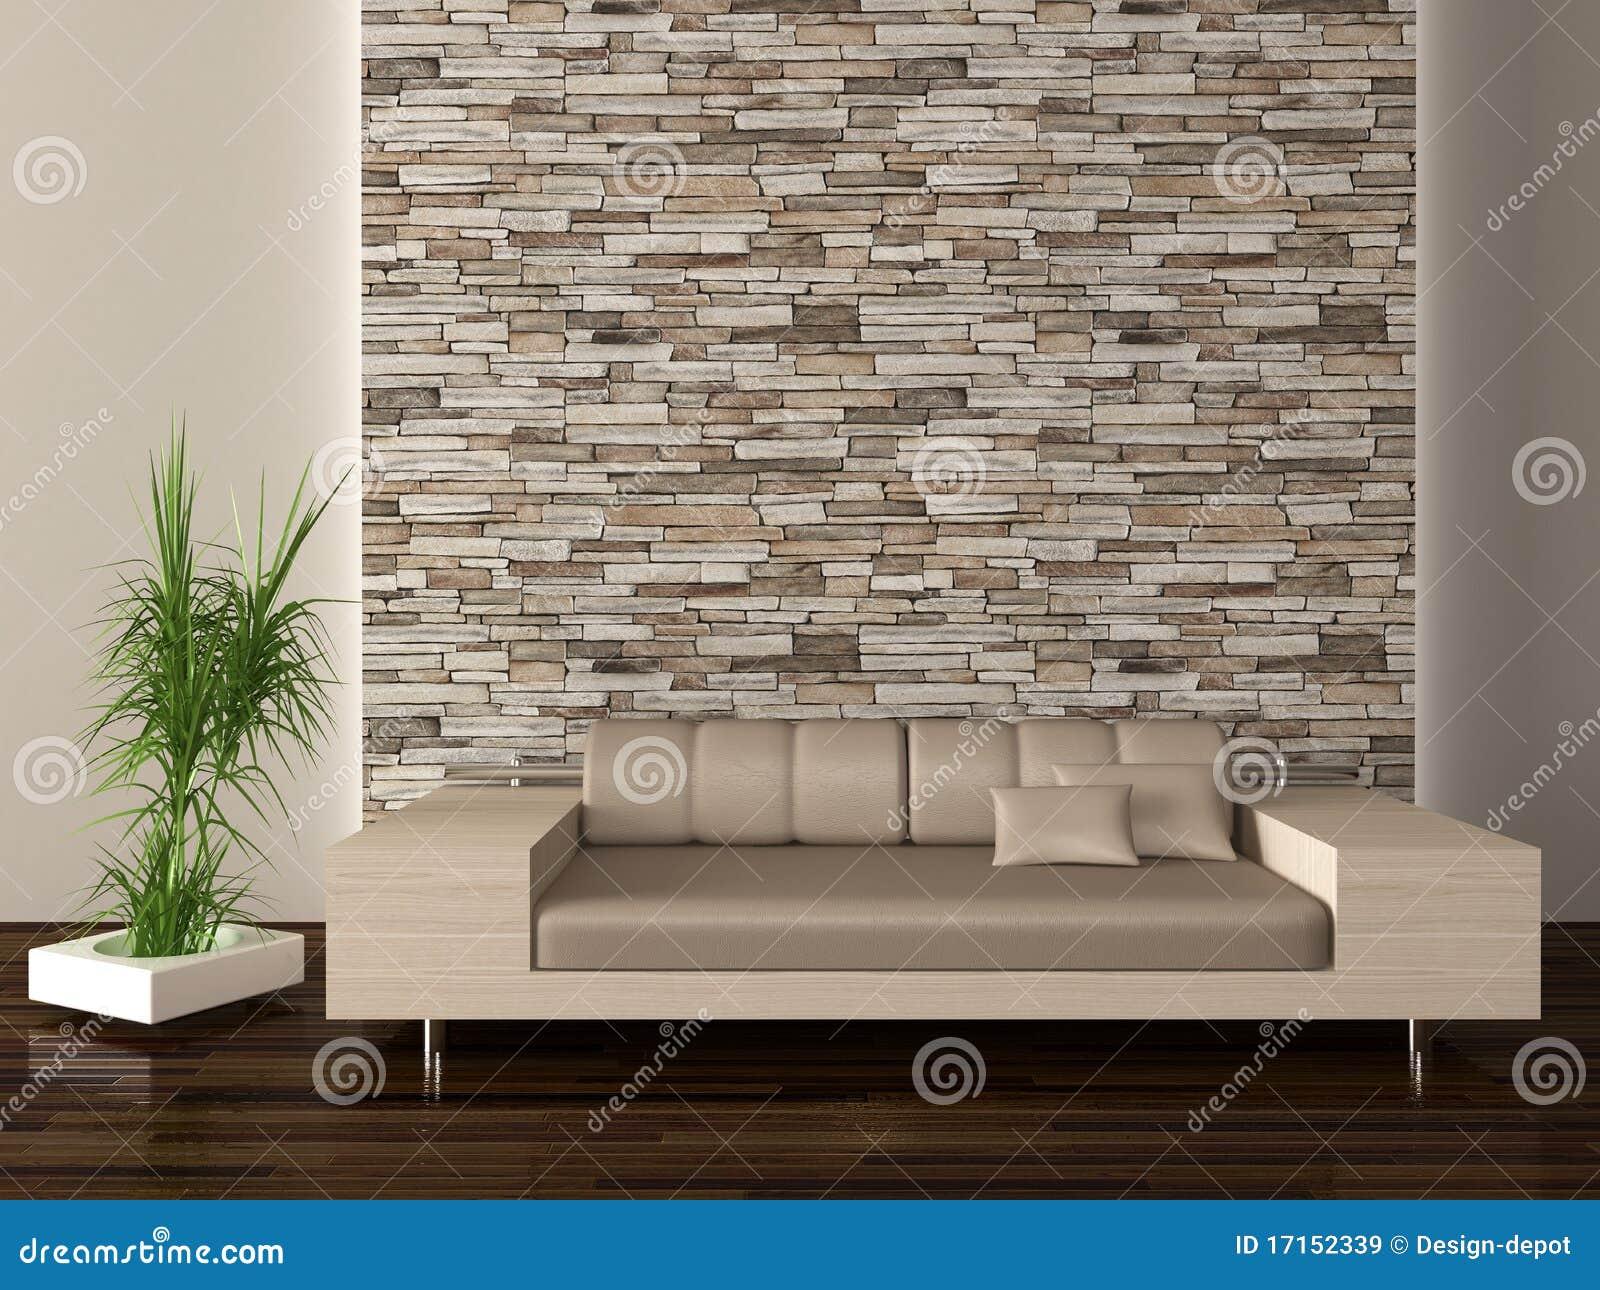 Moderner innenraum lizenzfreie stockbilder bild 17152339 for Innenraum designer programm